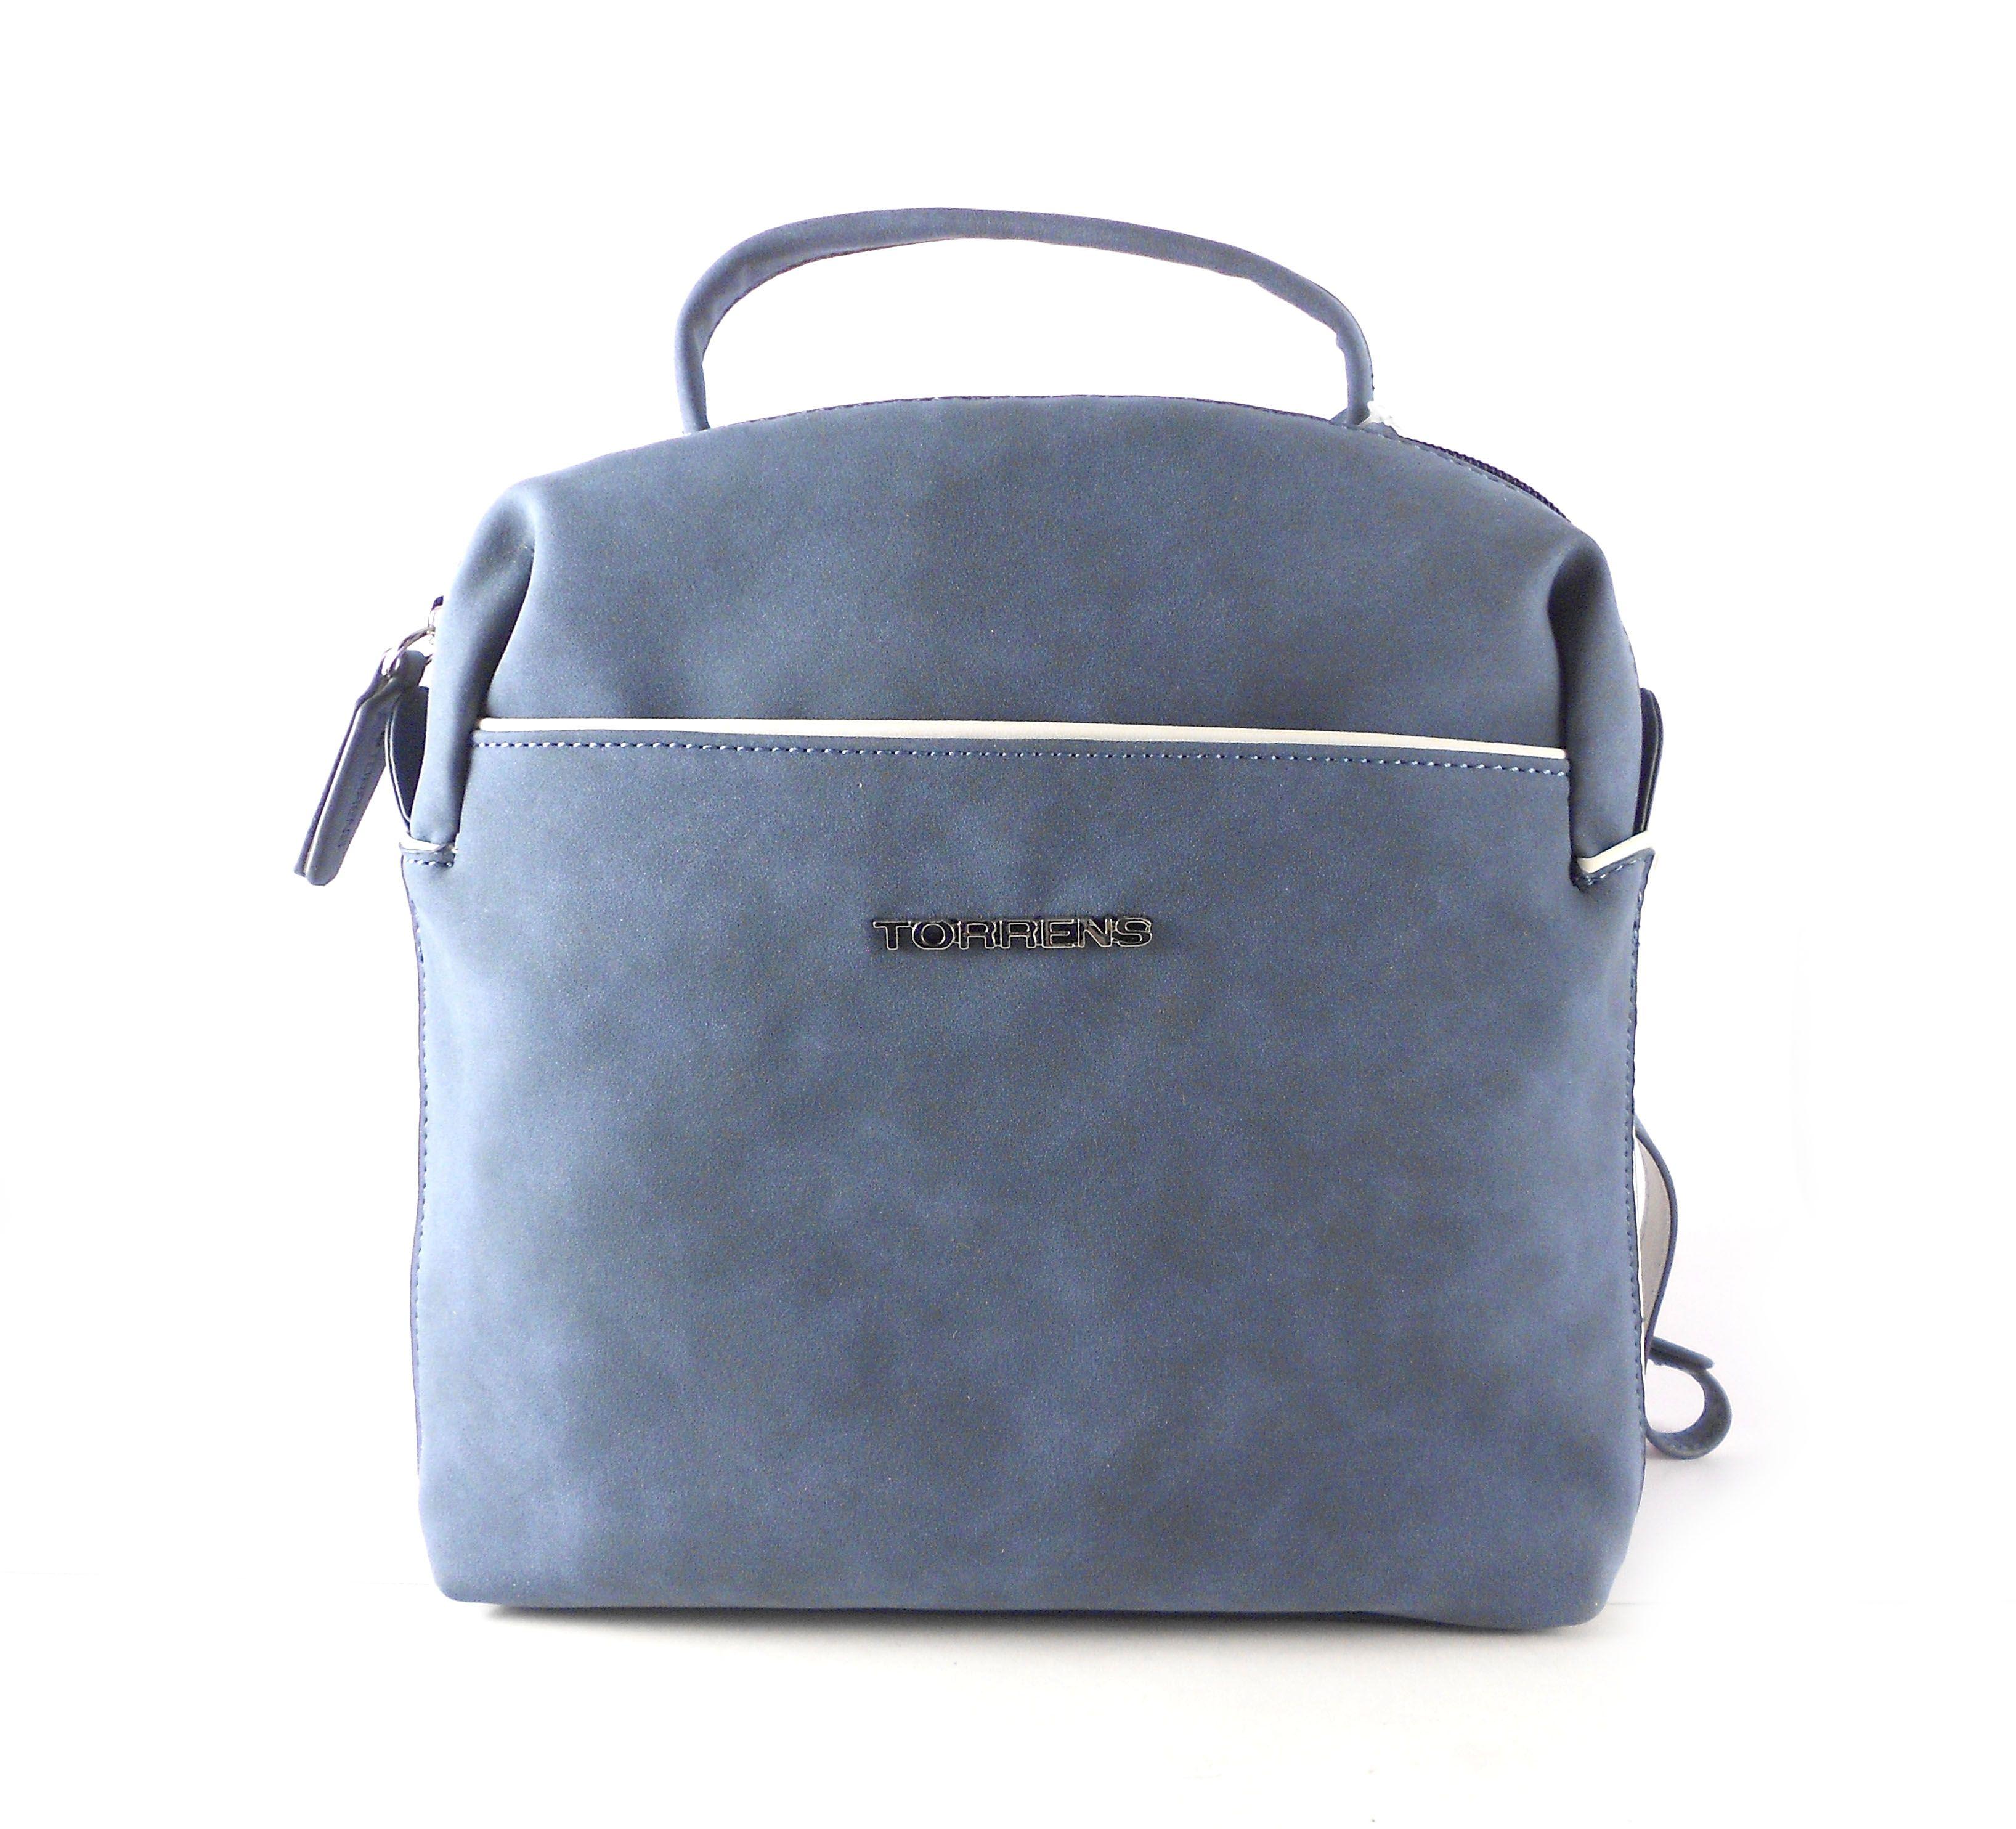 b3673460631 Mochila Torrens para mujer sport color azul